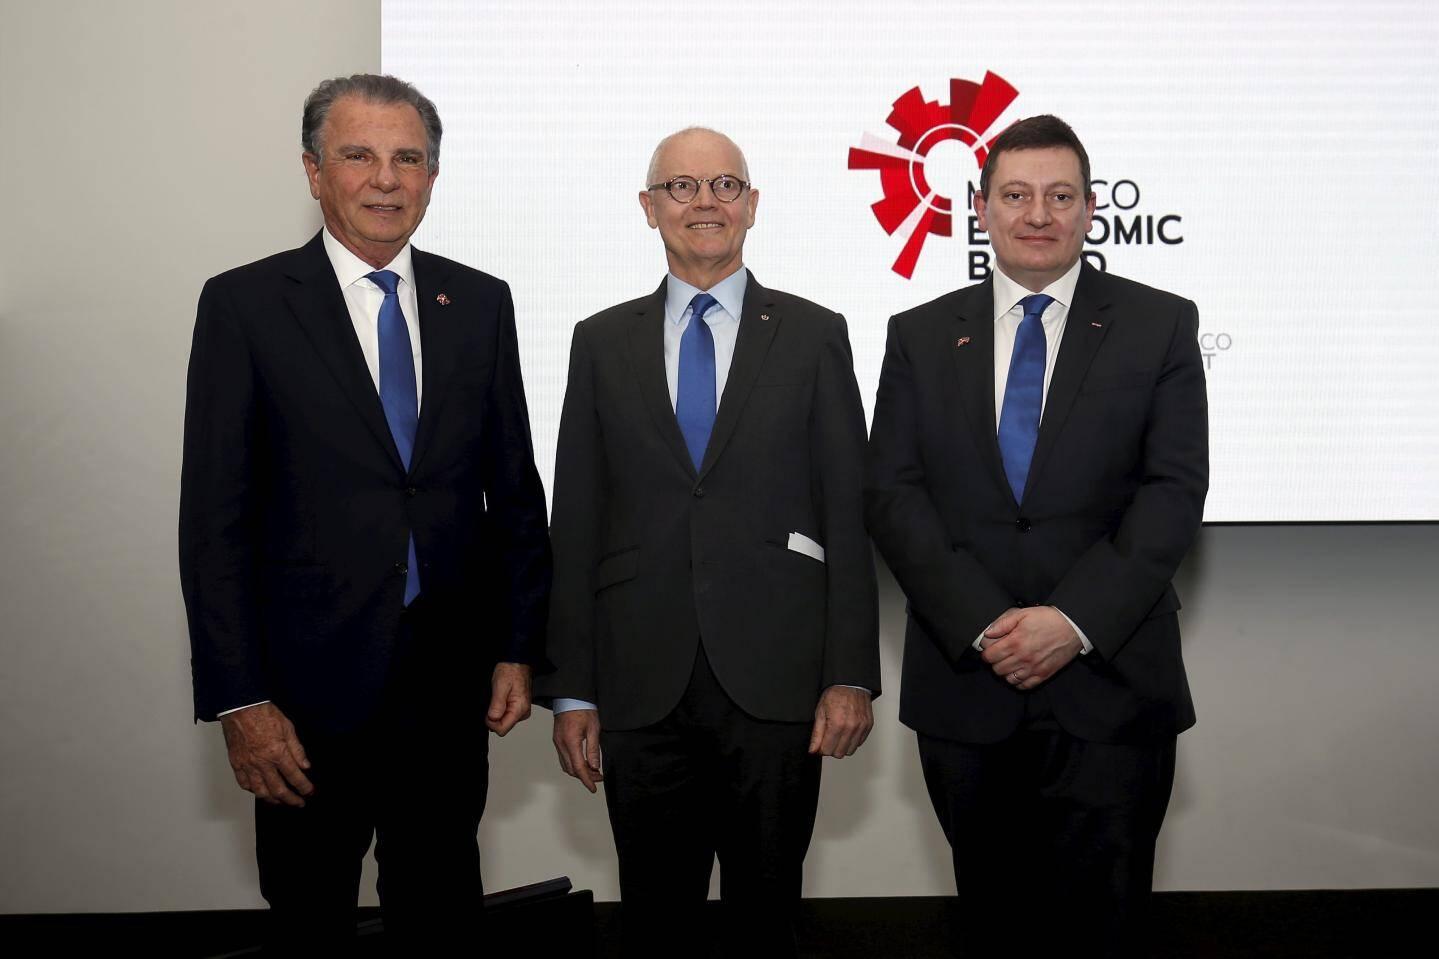 Autour du ministre d'État, jeudi, Michel Dotta et Guillaume Rose se sont retrouvés pour marquer une nouvelle ère au sein du MEB.